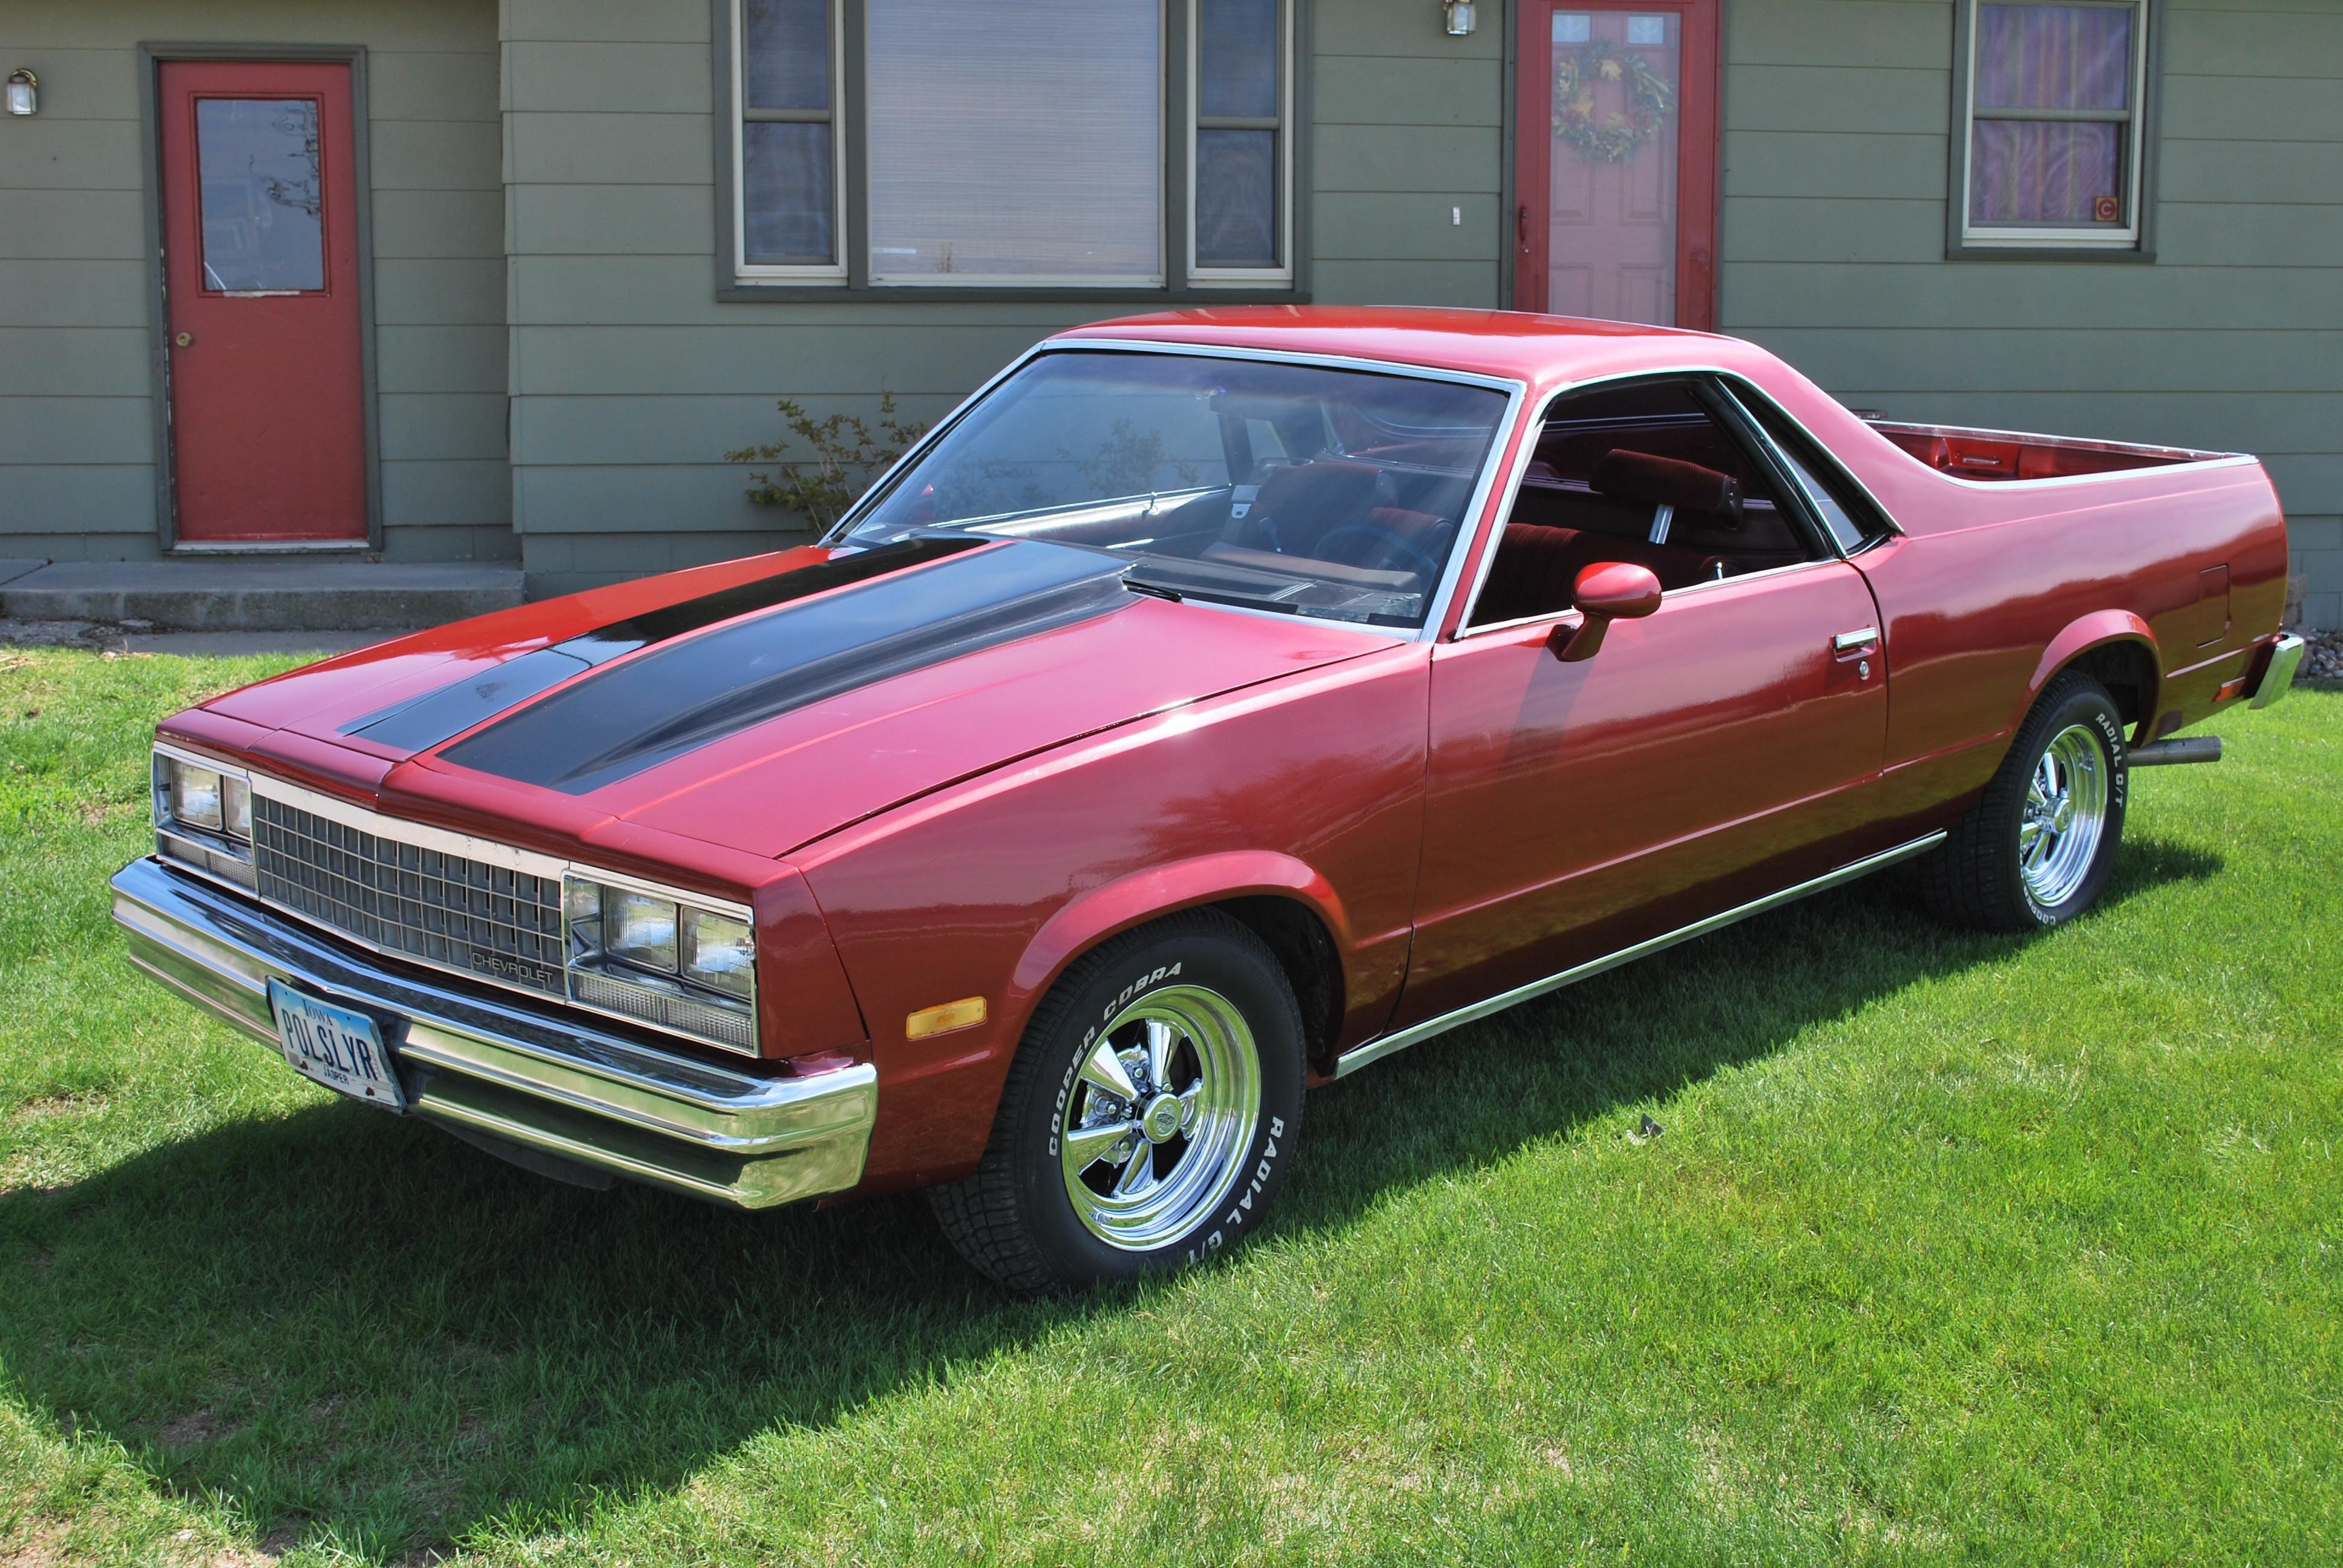 1983 El Camino 02shadowcougar S 1983 Chevrolet El Camino